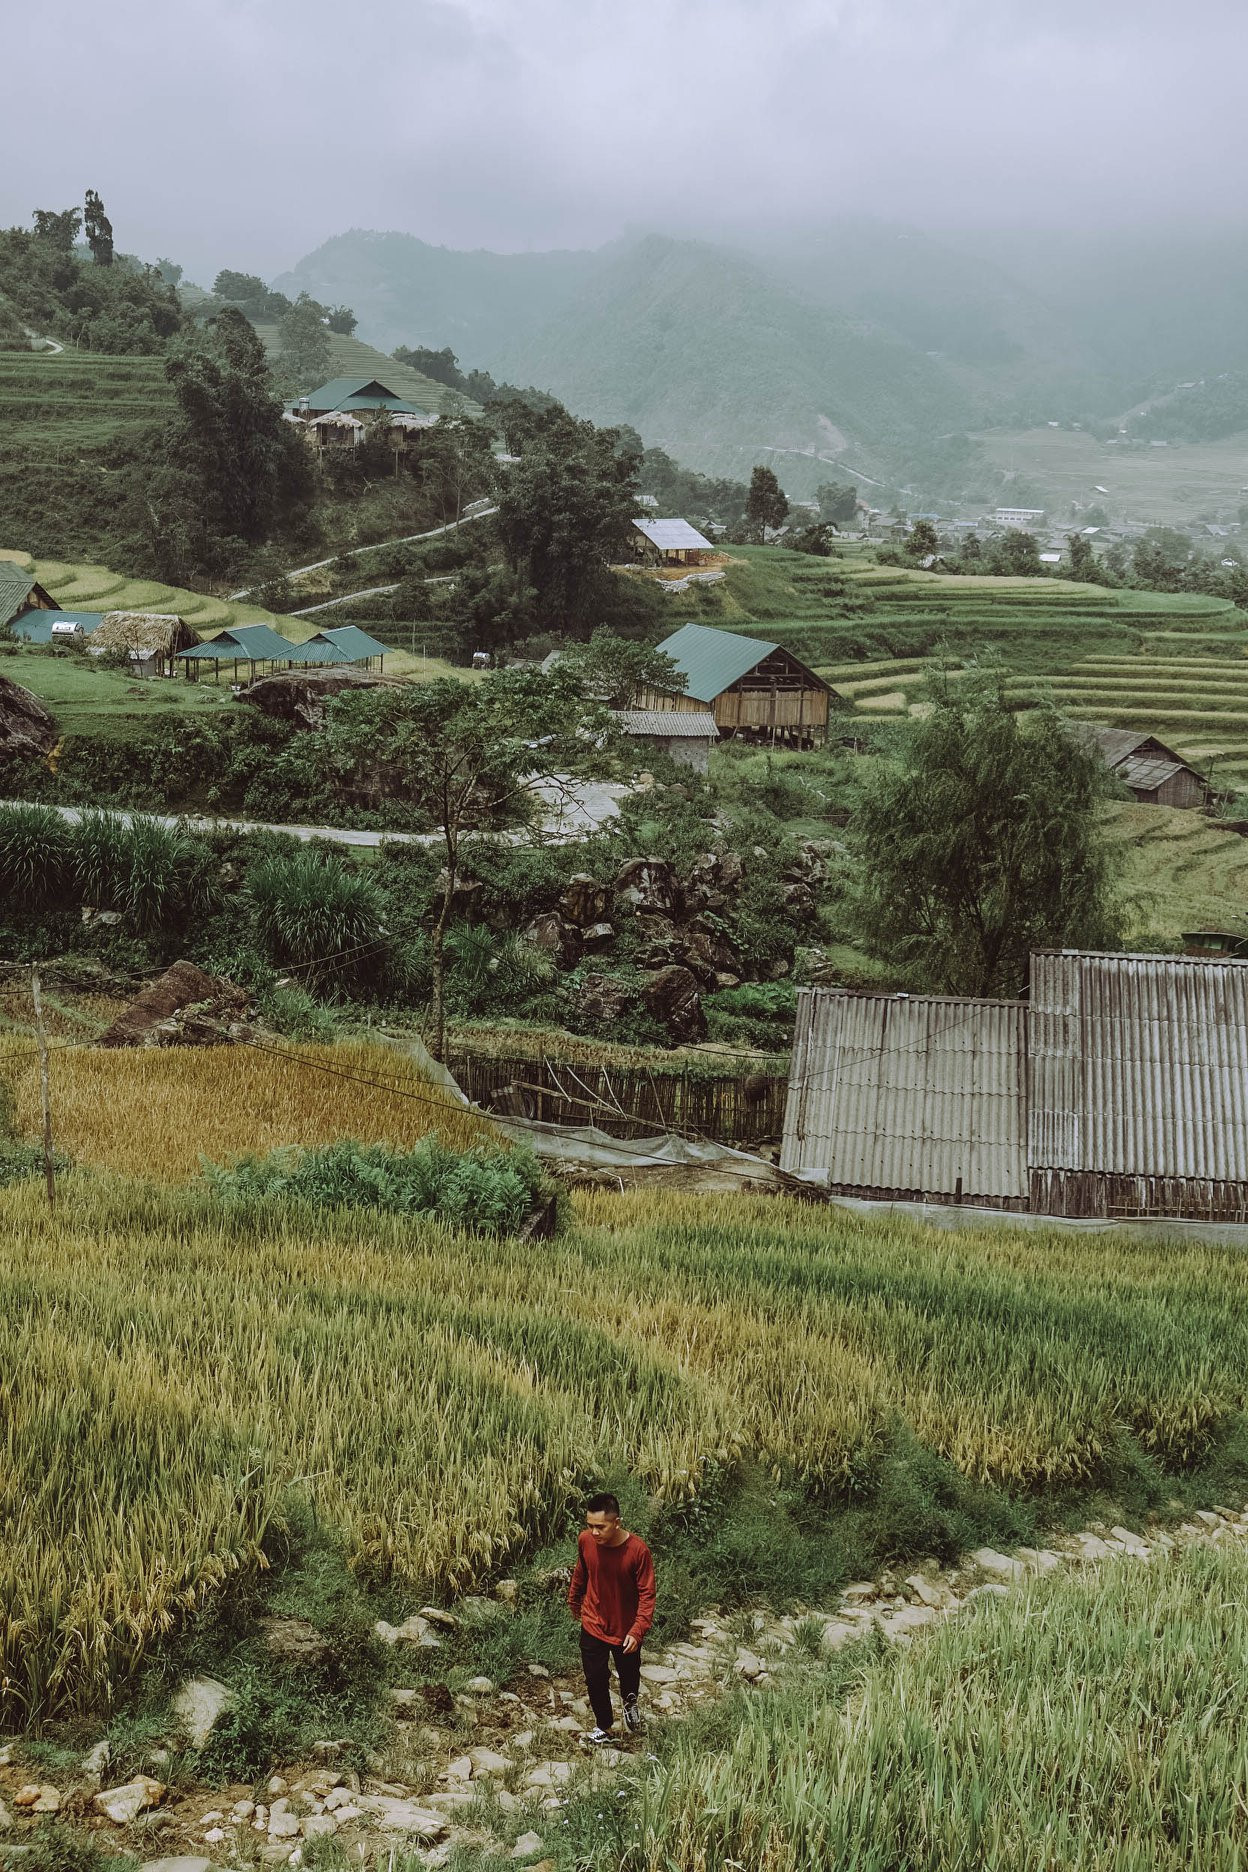 Những thửa ruộng bậc thang vàng ươm, thơm mùi lúa chín bao phủ khắp bản Tả Van, làm nên một bức tranh Sa Pa đậm chất vùng cao đất Việt. Thấp thoáng trên những thửa ruộng trập trùng là hình ảnh giản dị, mộc mạc của người dân lao động vùng Tây Bắc đang miệt mài gặt lúa.